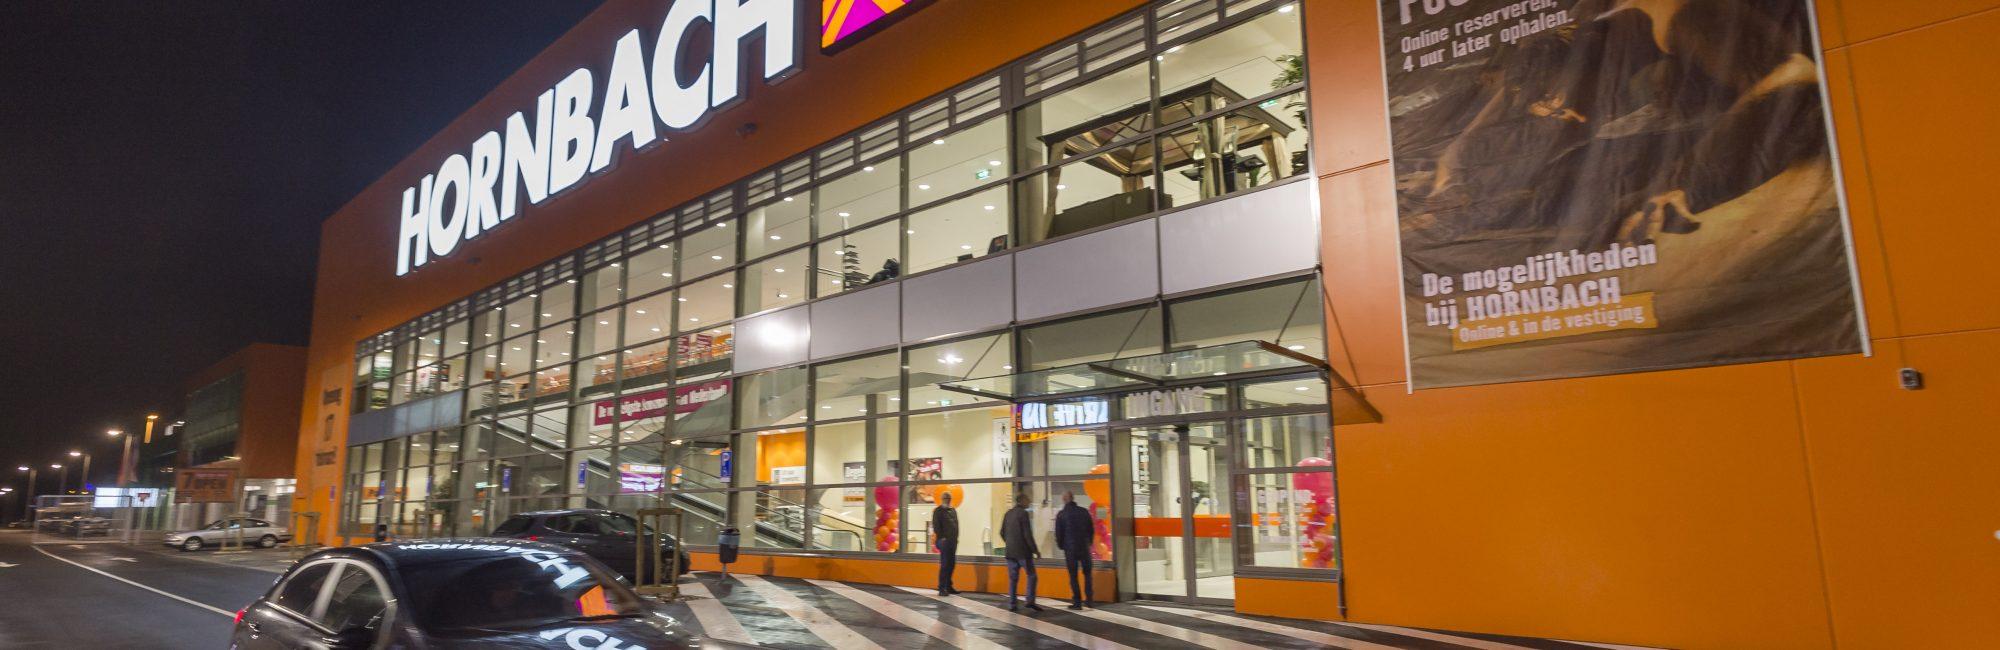 AMSTERDAM - Opening  Hornbach Amsterdam voor publiek